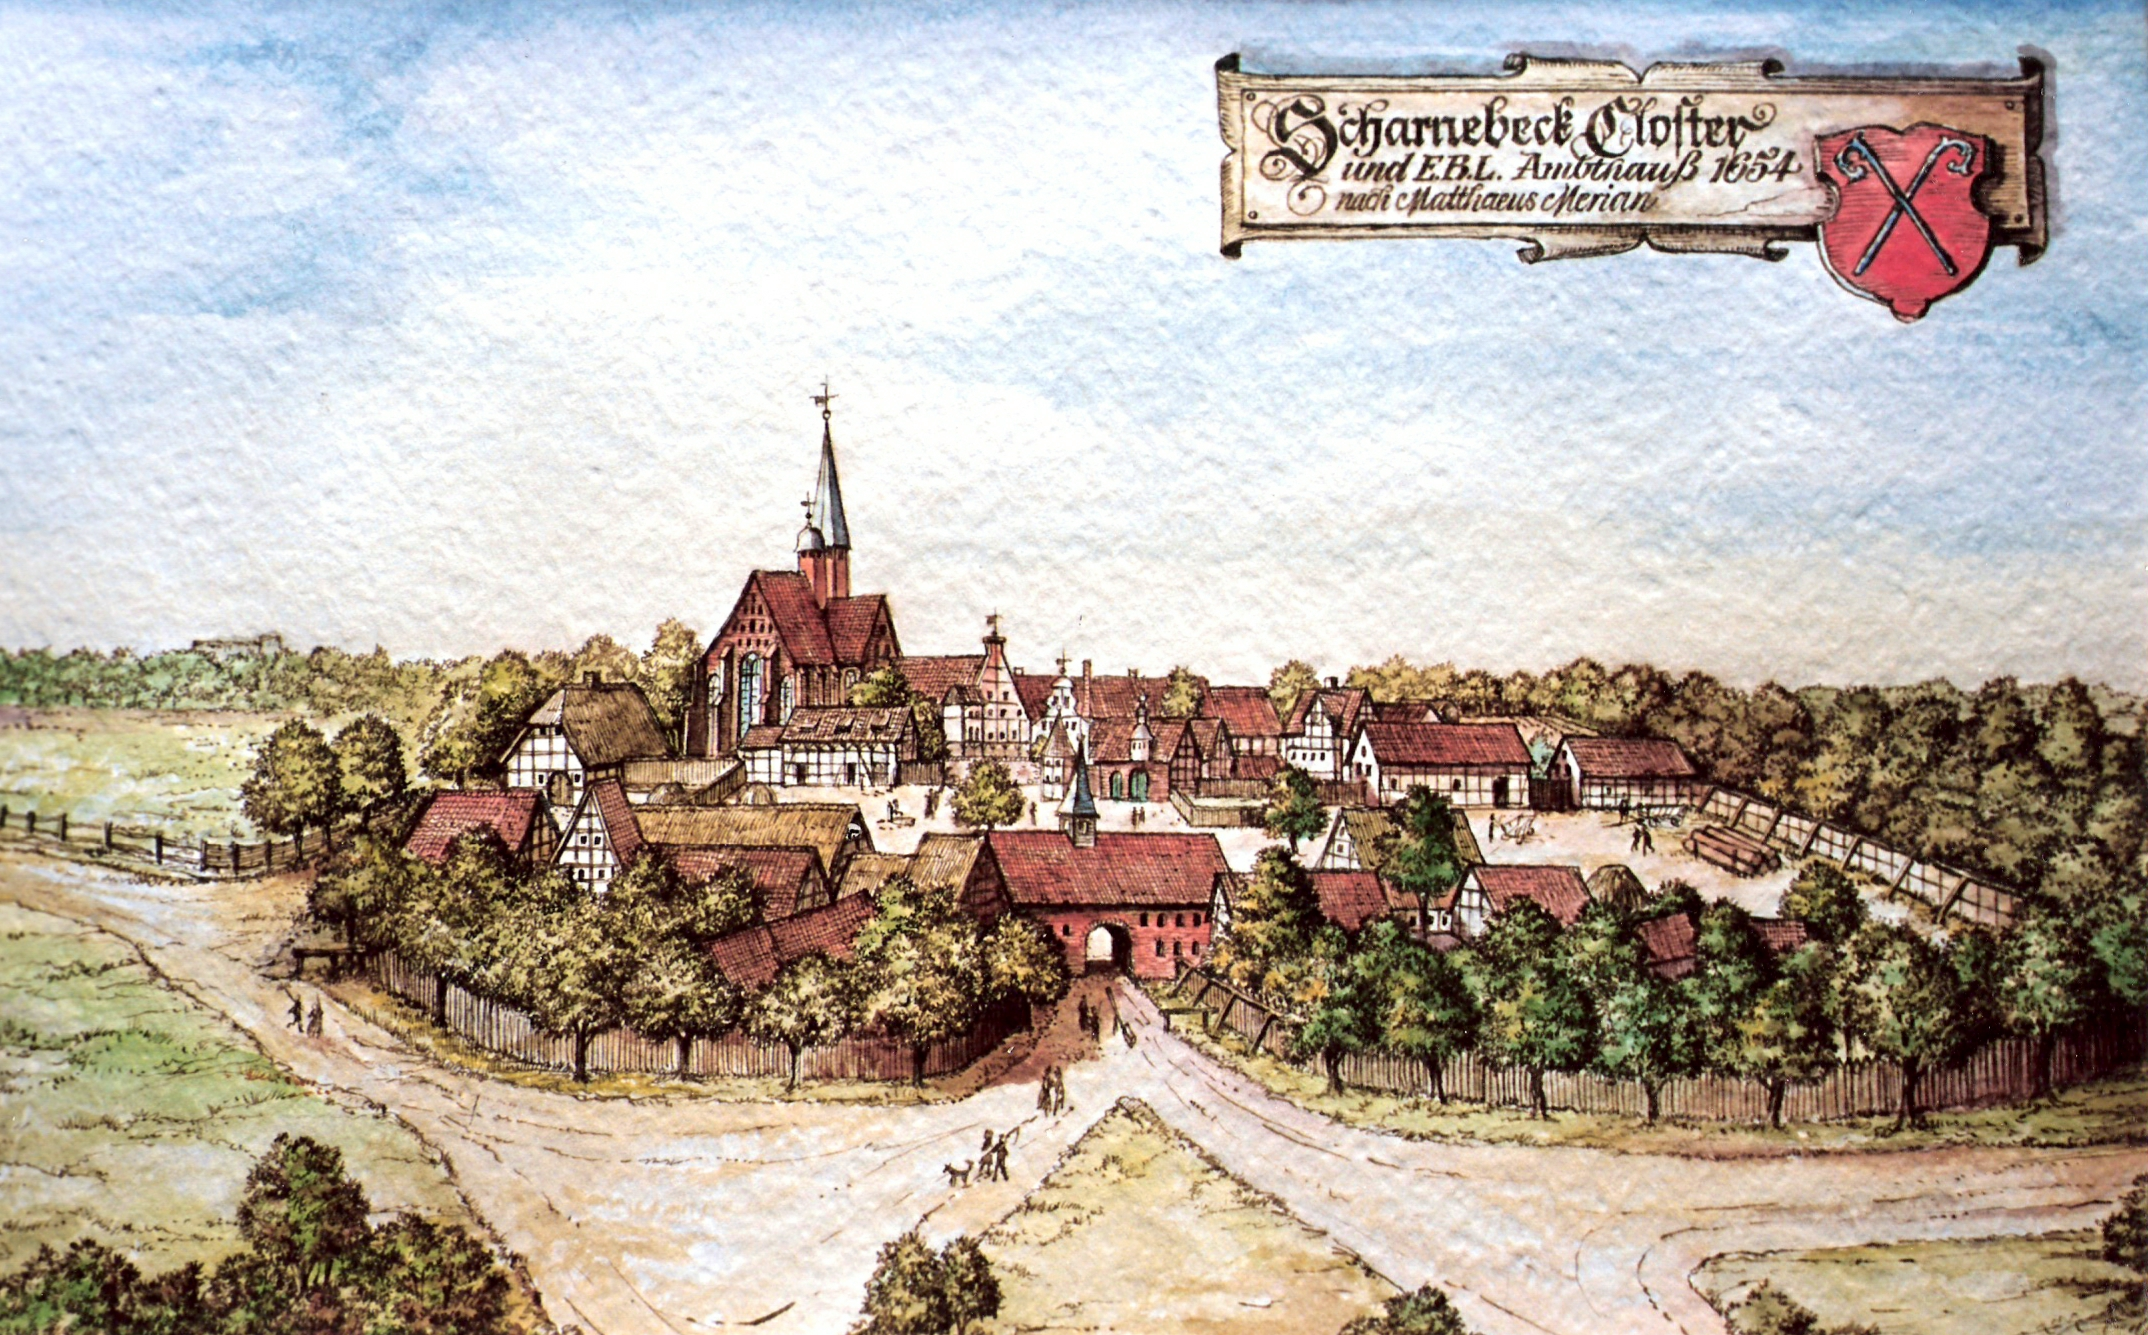 kloster-scharnebeck